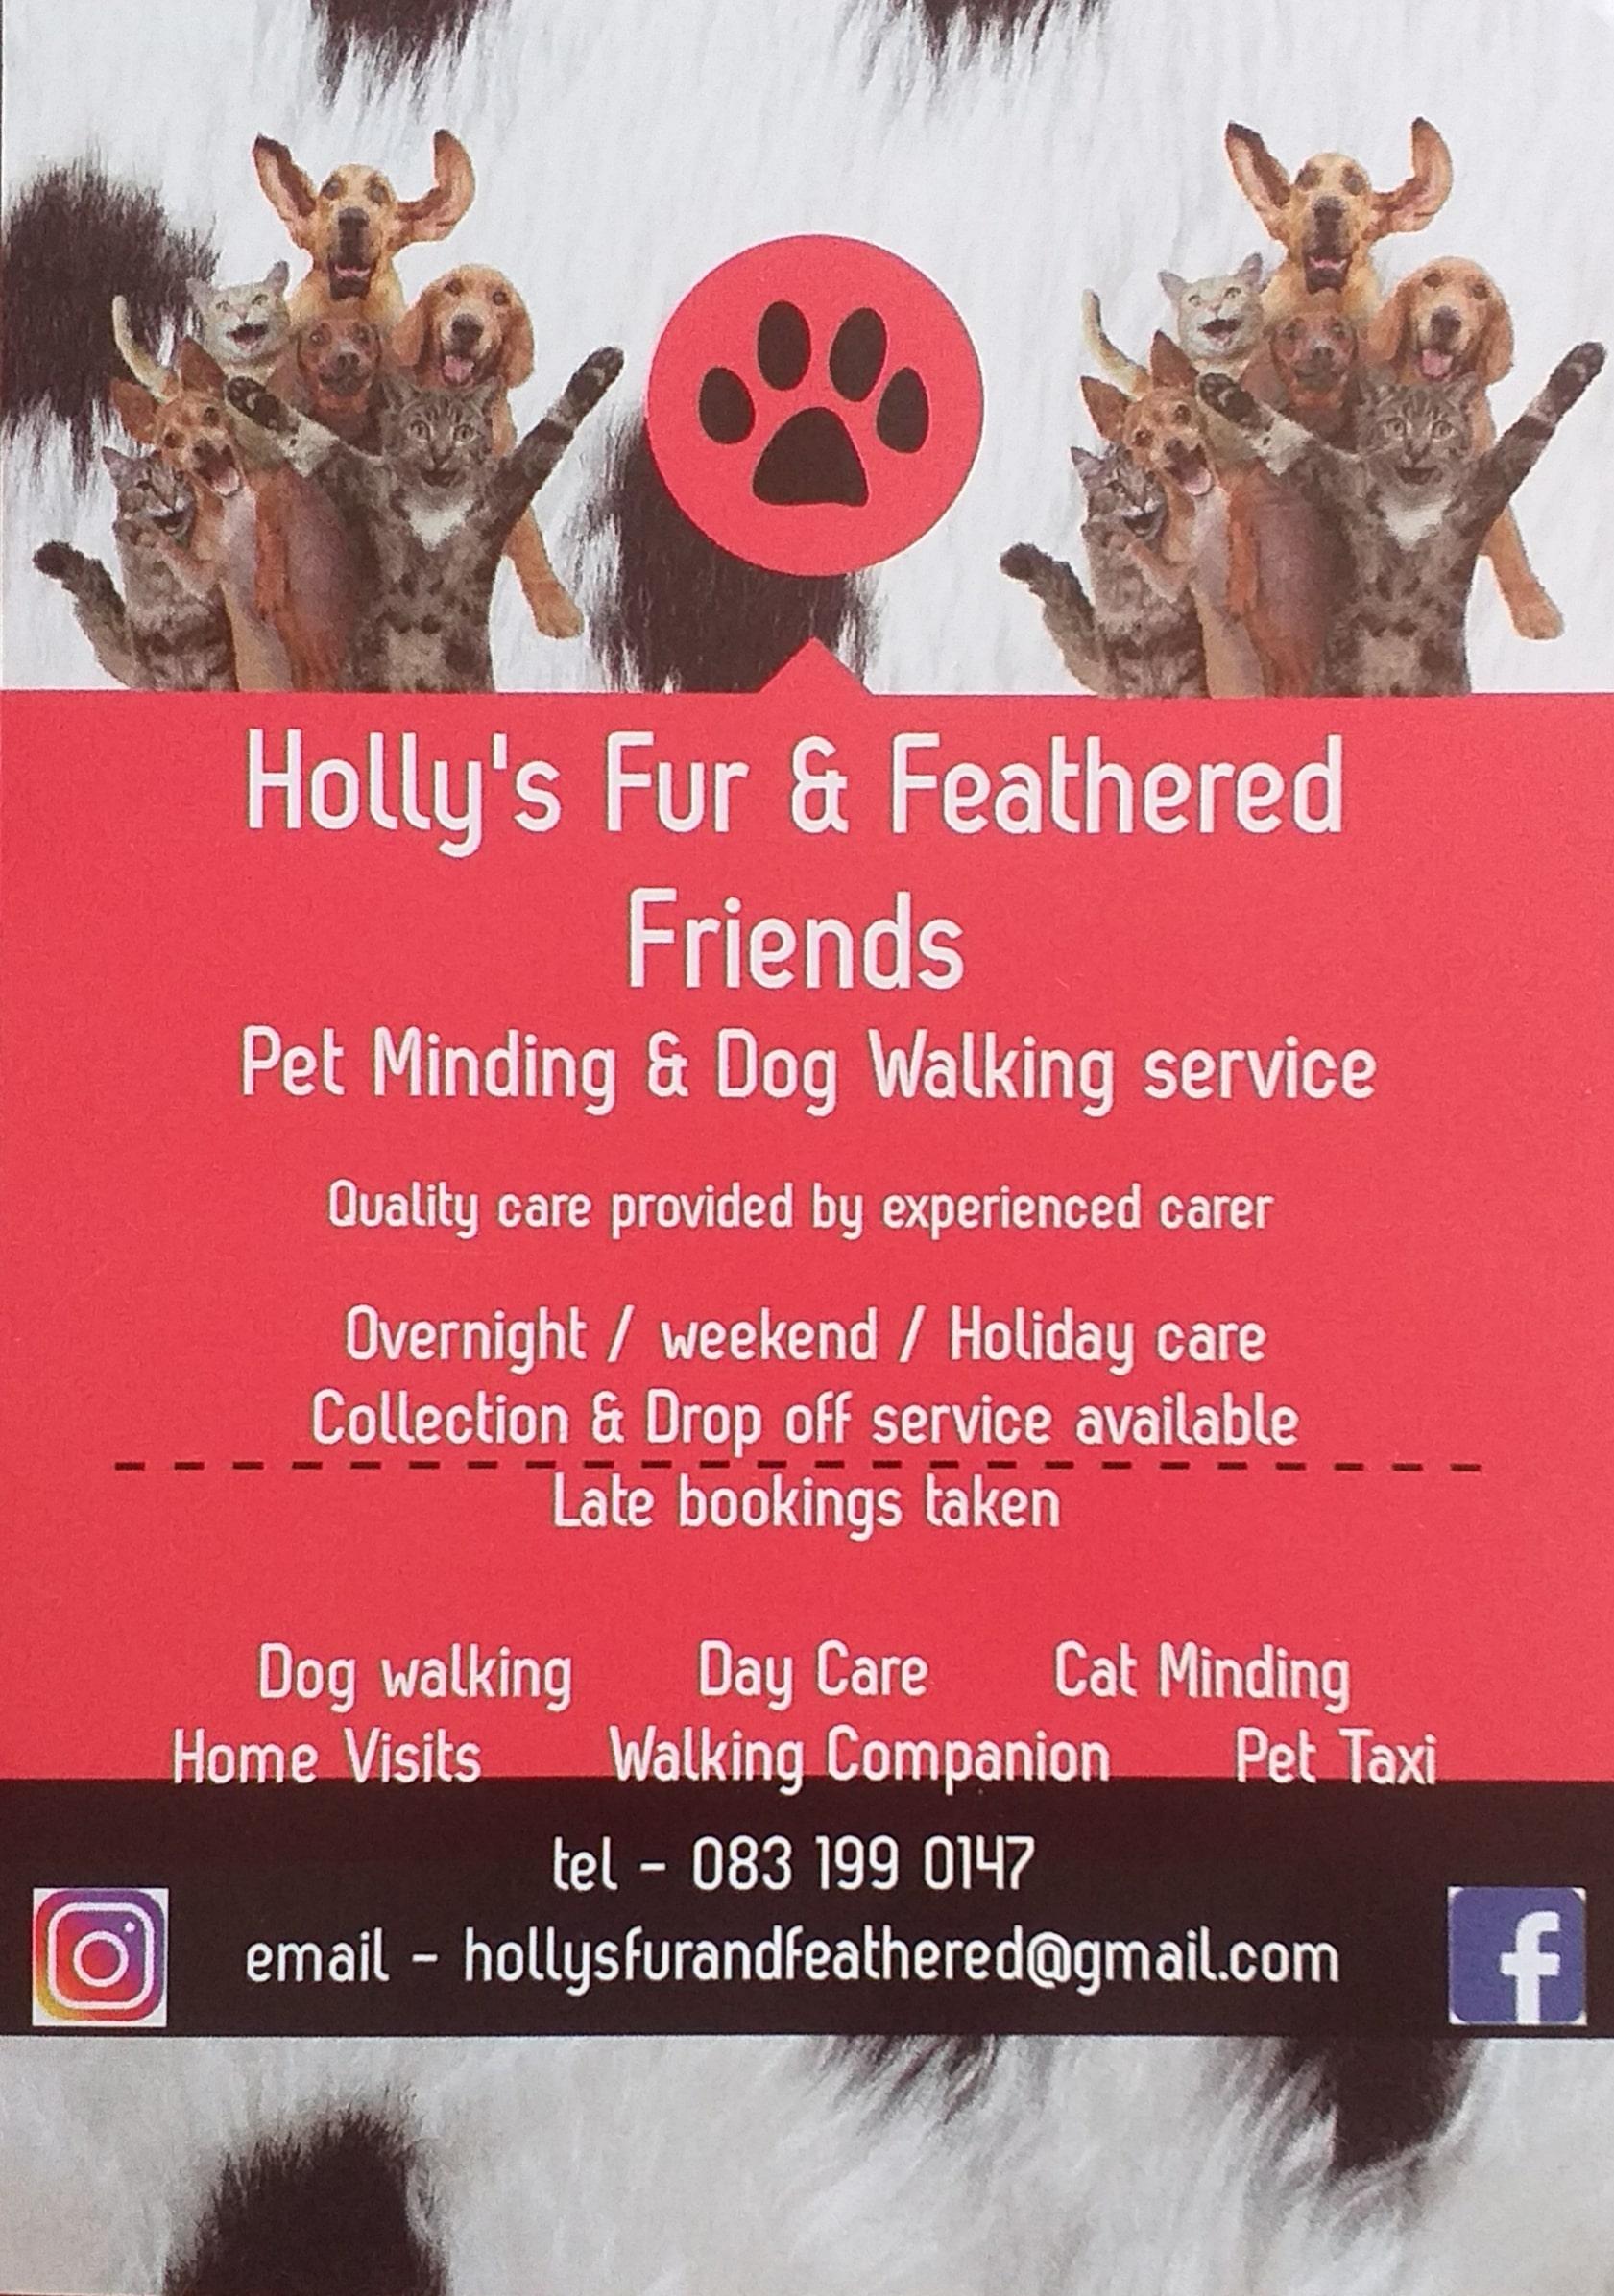 Pet Minding & Dog Walking Service Image